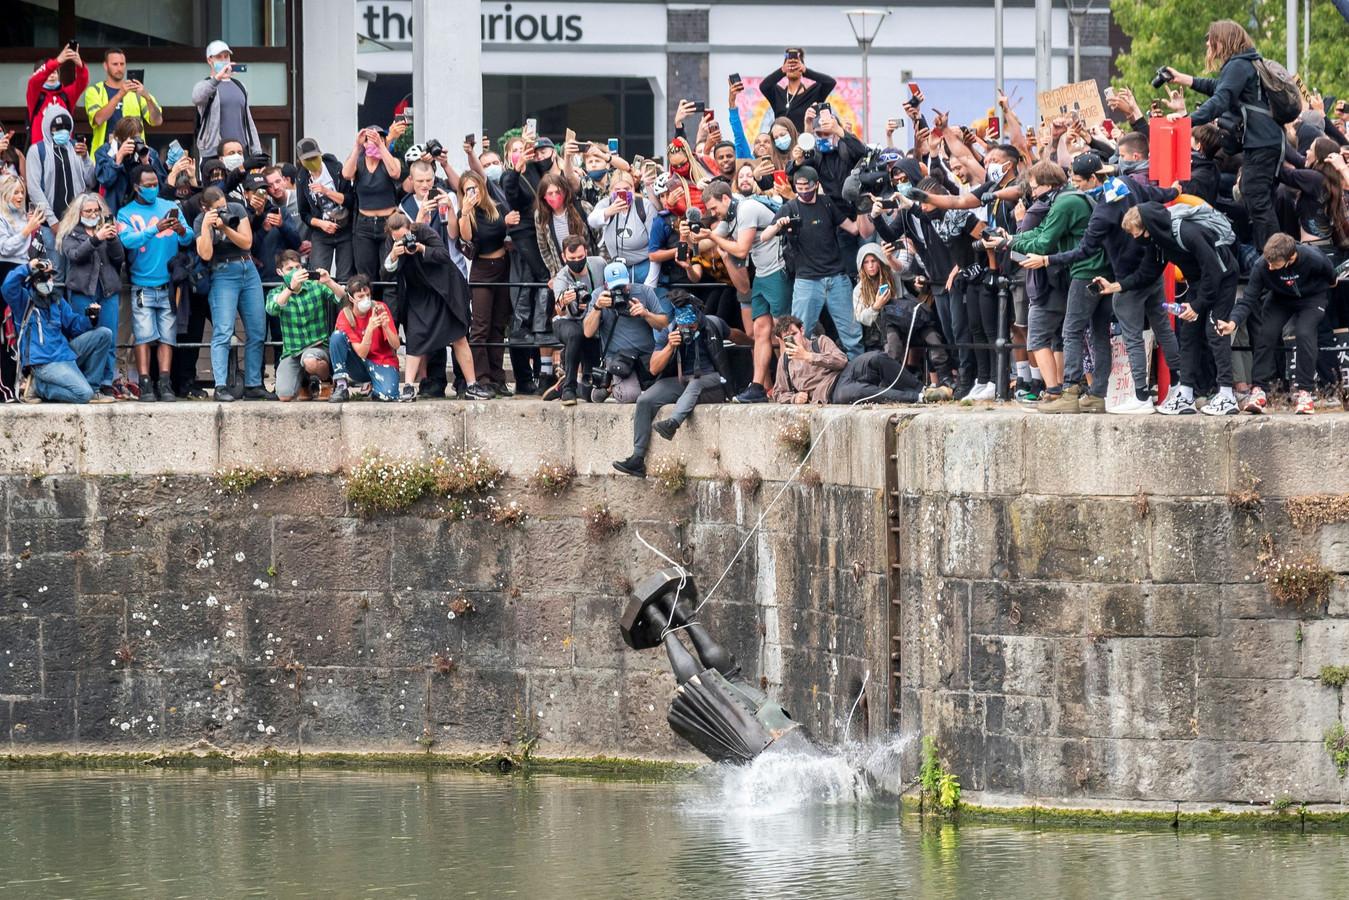 Beelden van het standbeeld van Edward Colston dat tijdens de demonstratie van 7 juni in de haven werd gegooid gingen de wereld over.